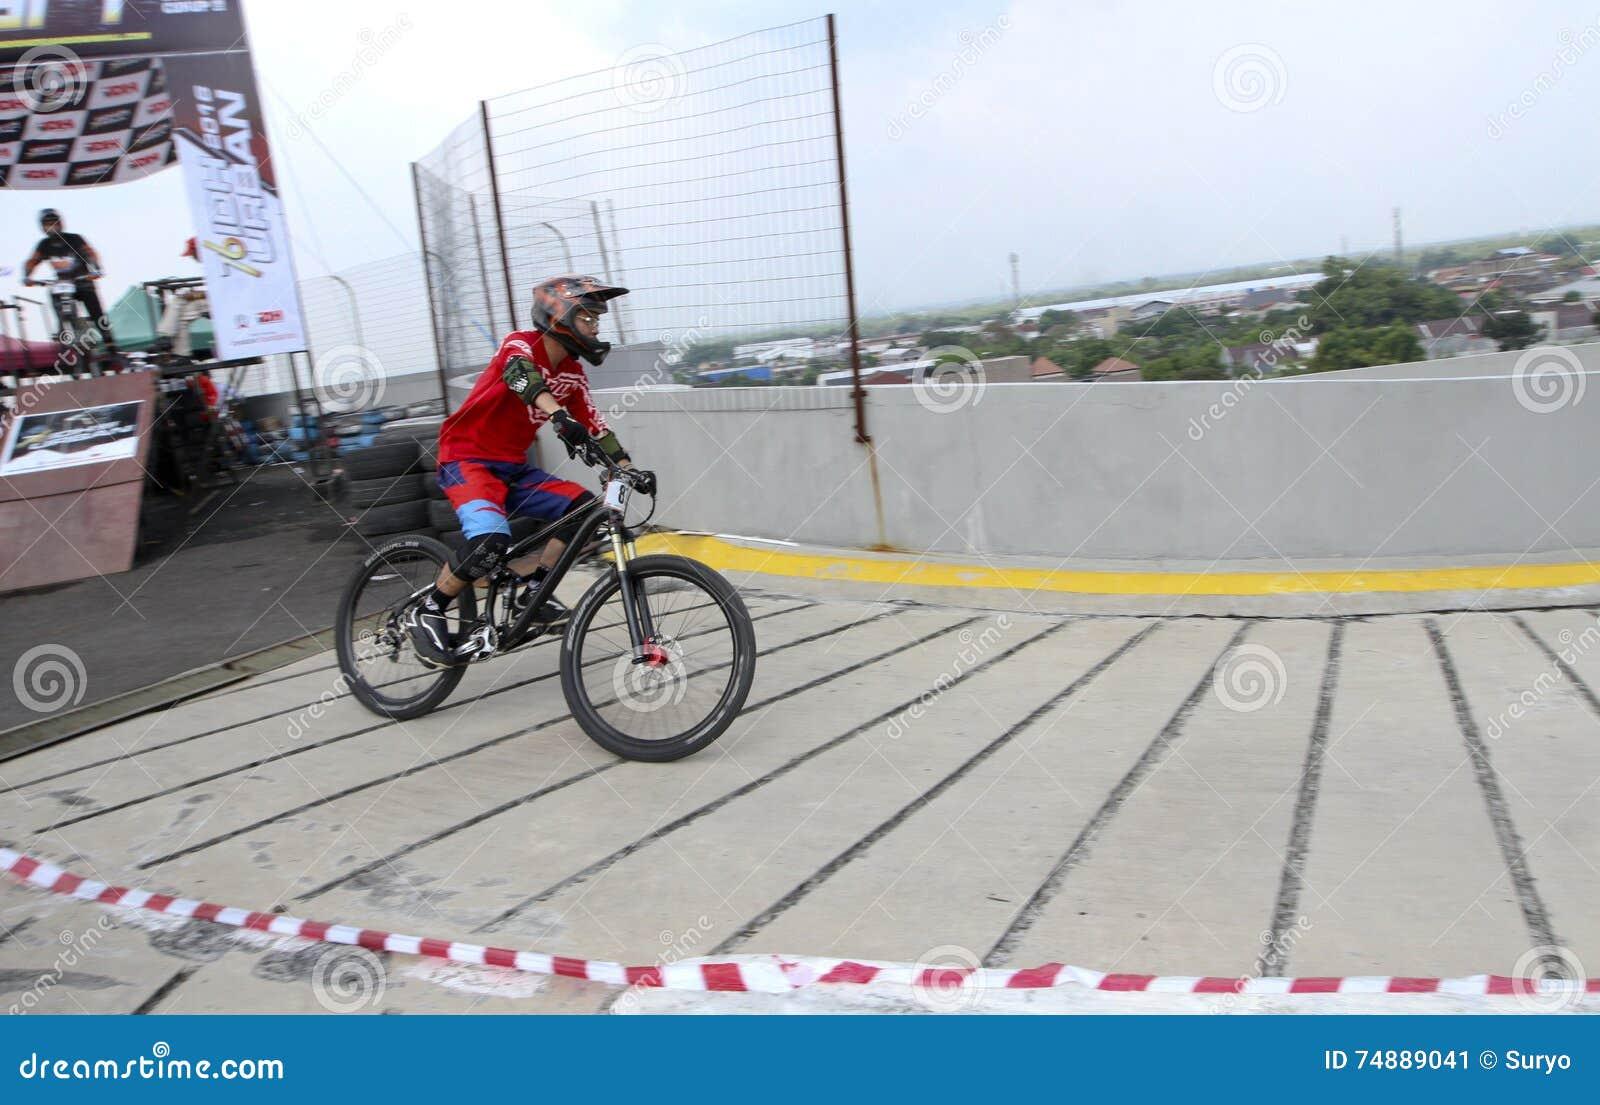 Motociclista da montanha